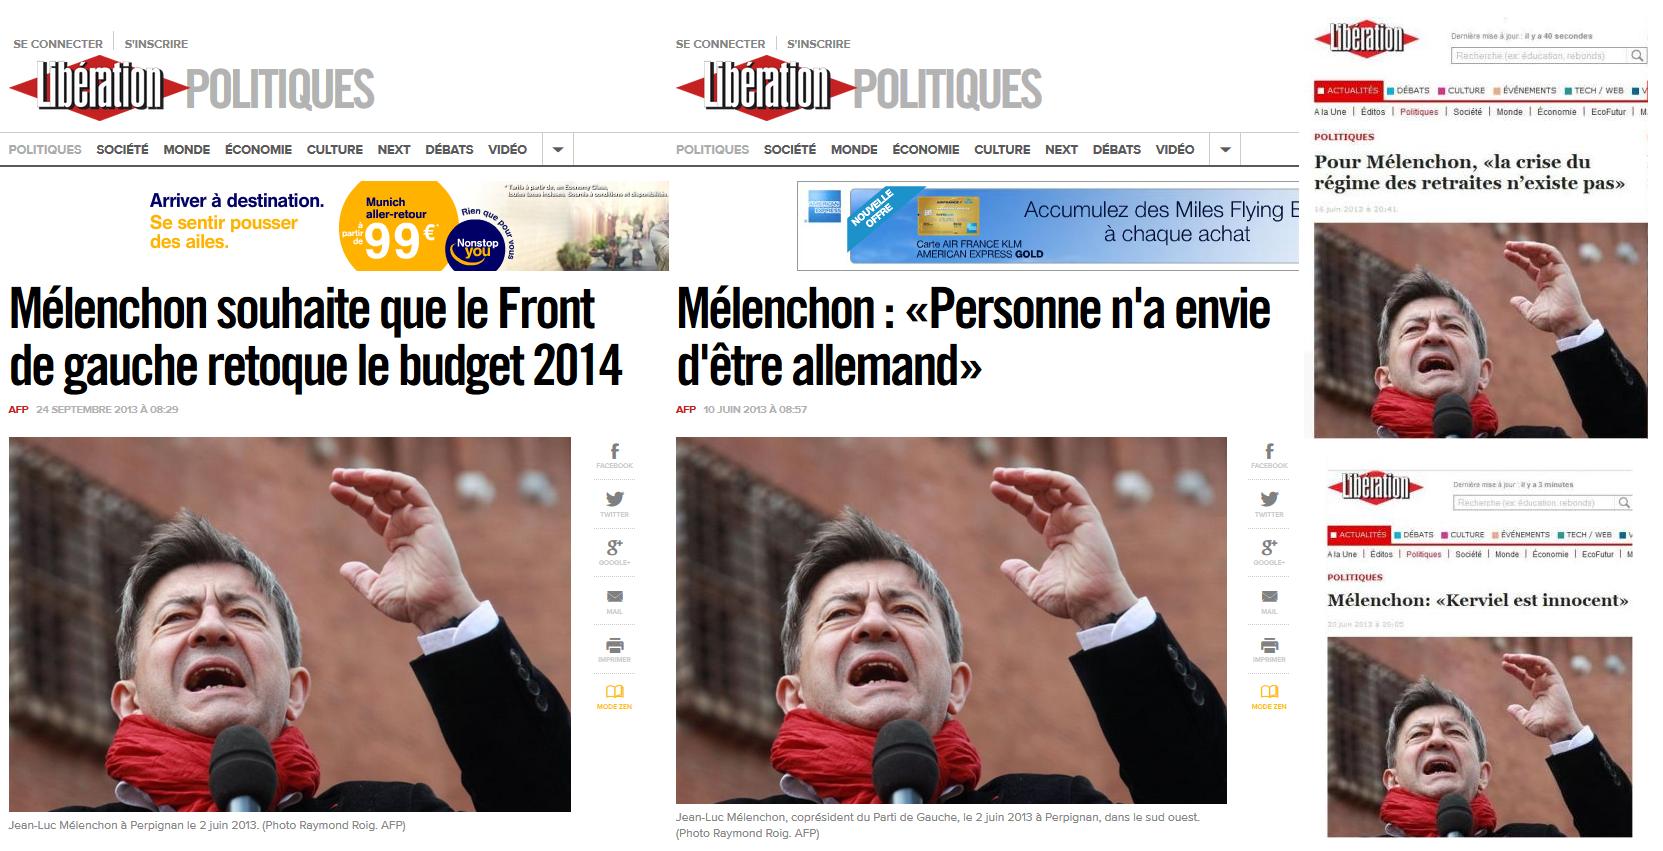 """En quatre mois, le journal """"Libération"""" a utilisé la même photographie pour illustrer quatre sujets différents, à savoir : la réforme du régime des retraites, l'affaire Kerviel, le budget 2014 et une déclaration de Jean-Luc Mélenchon sur l'Allemagne."""